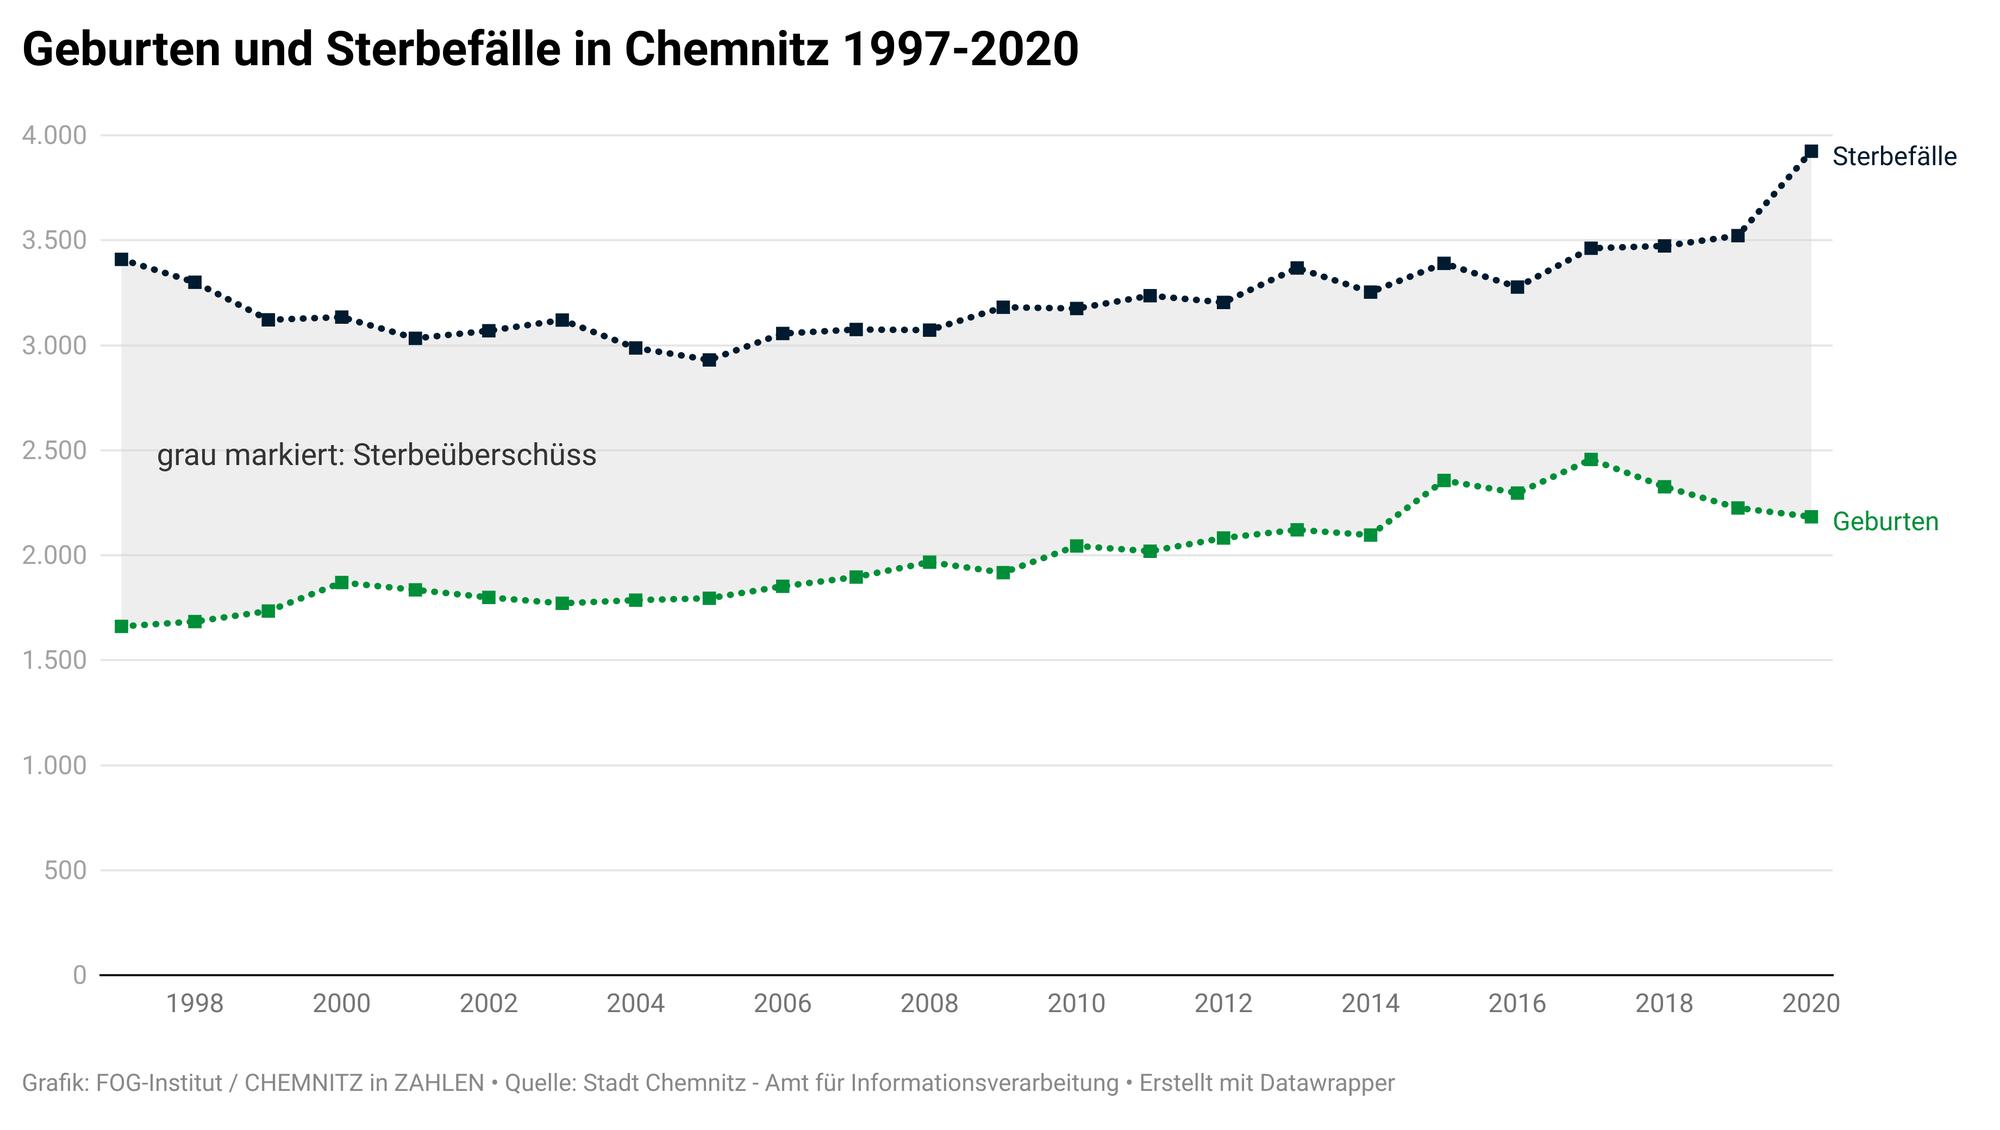 Demographische Entwicklung in Chemnitz 2020